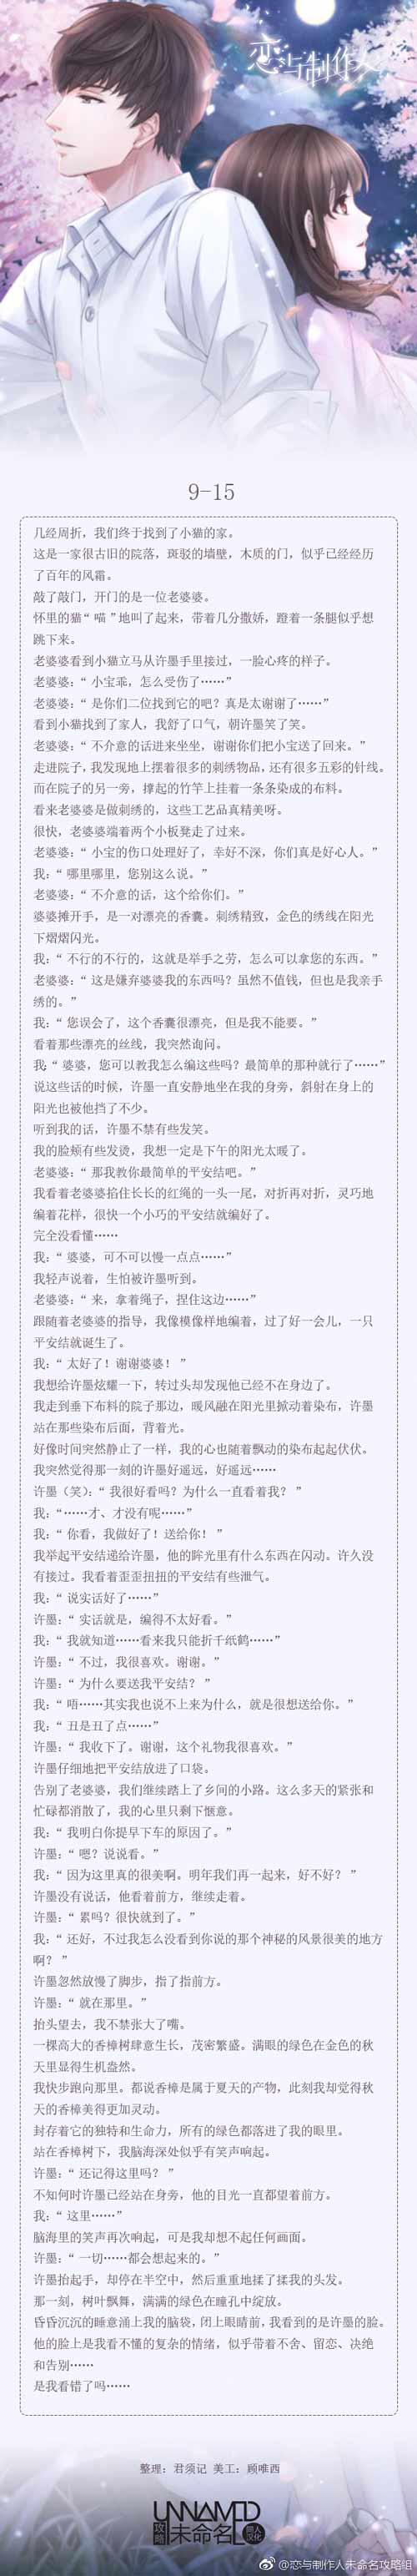 恋与制作人9-15剧情 恋与制作人第九章剧情